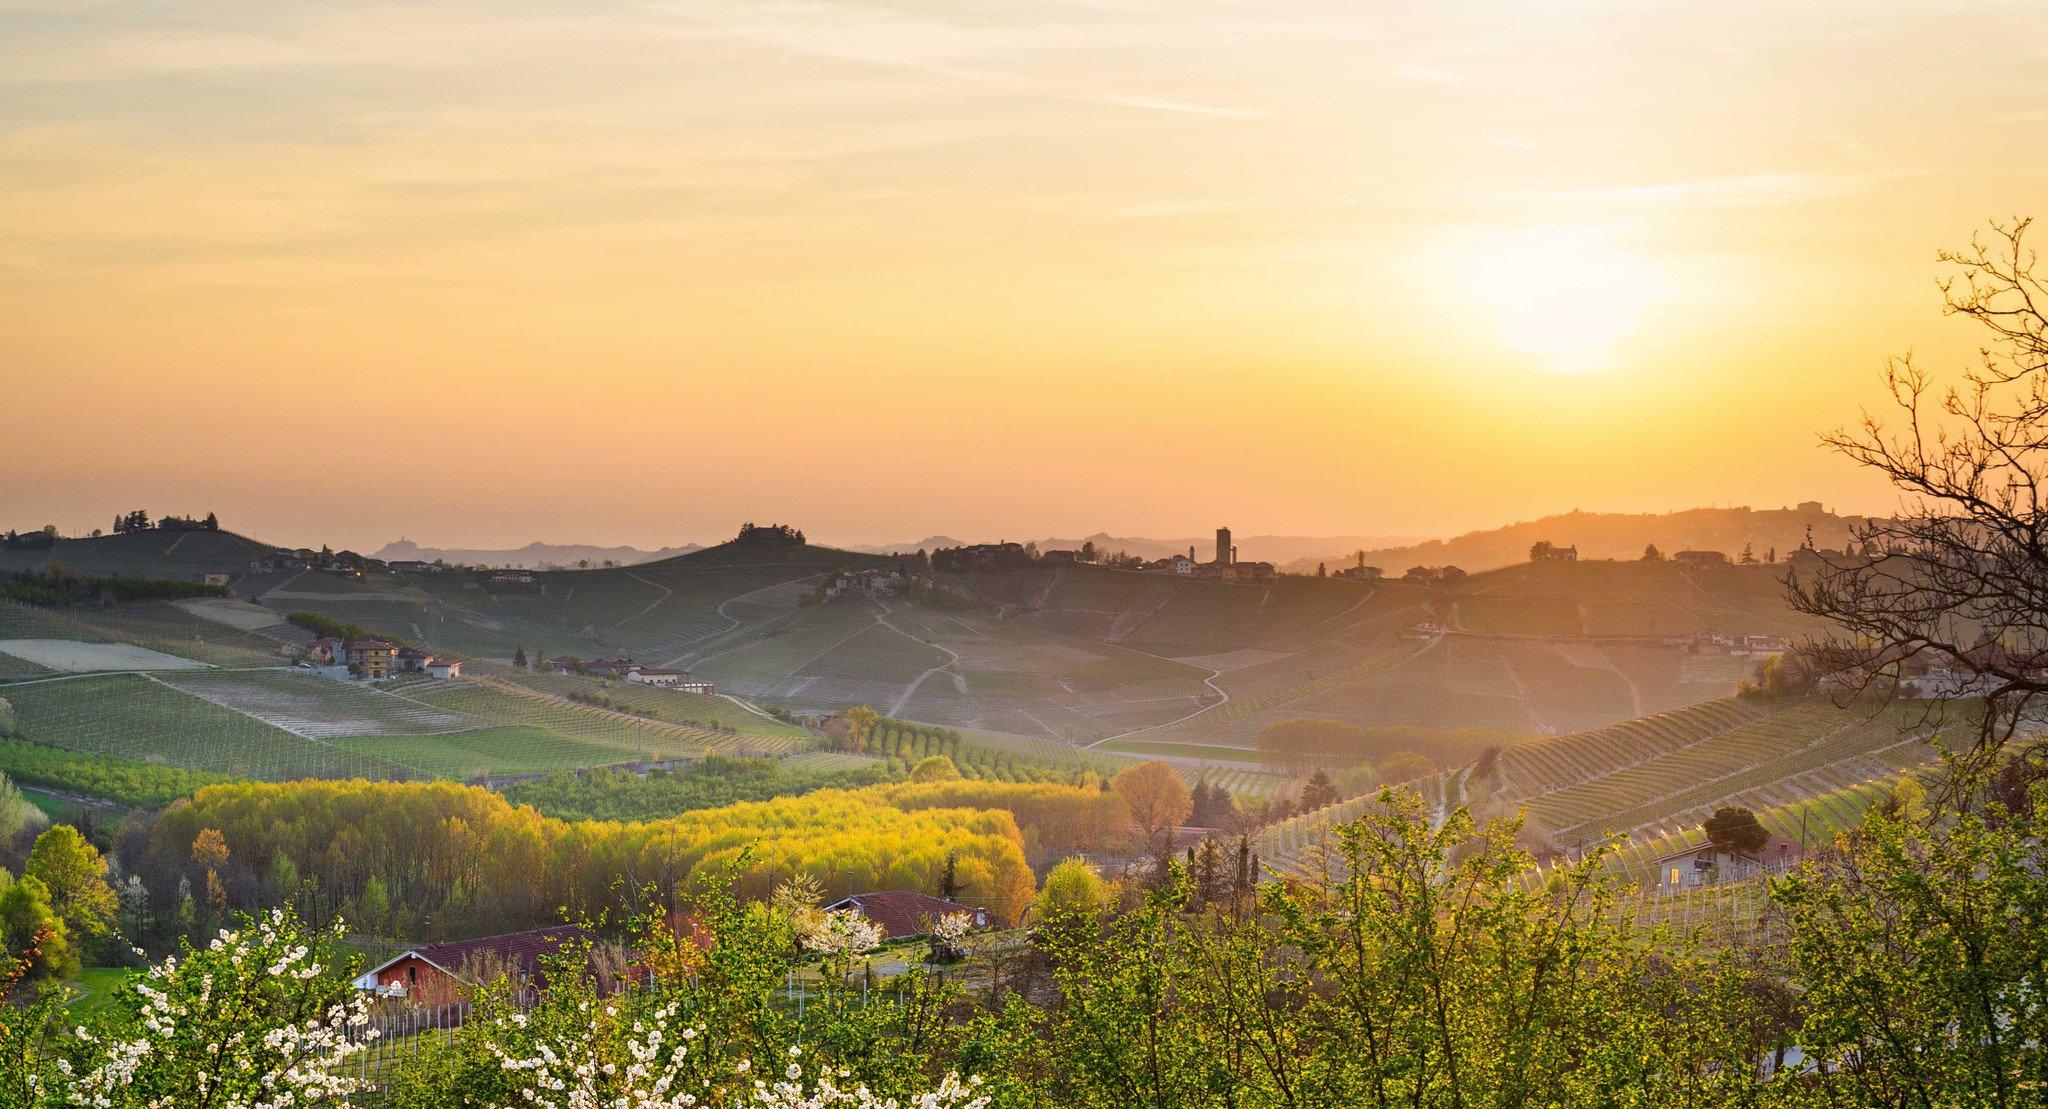 Il Territorio delle Langhe e del Roero è formato da aree di produzione di vini di eccellenza e qualità internazionale, conosciuti e amati in tutto il Mondo e diventati famosi grazie al loro sapore immediatamente riconoscibile e alla qualità superiore delle uve coltivate e utilizzate nella loro produzione -